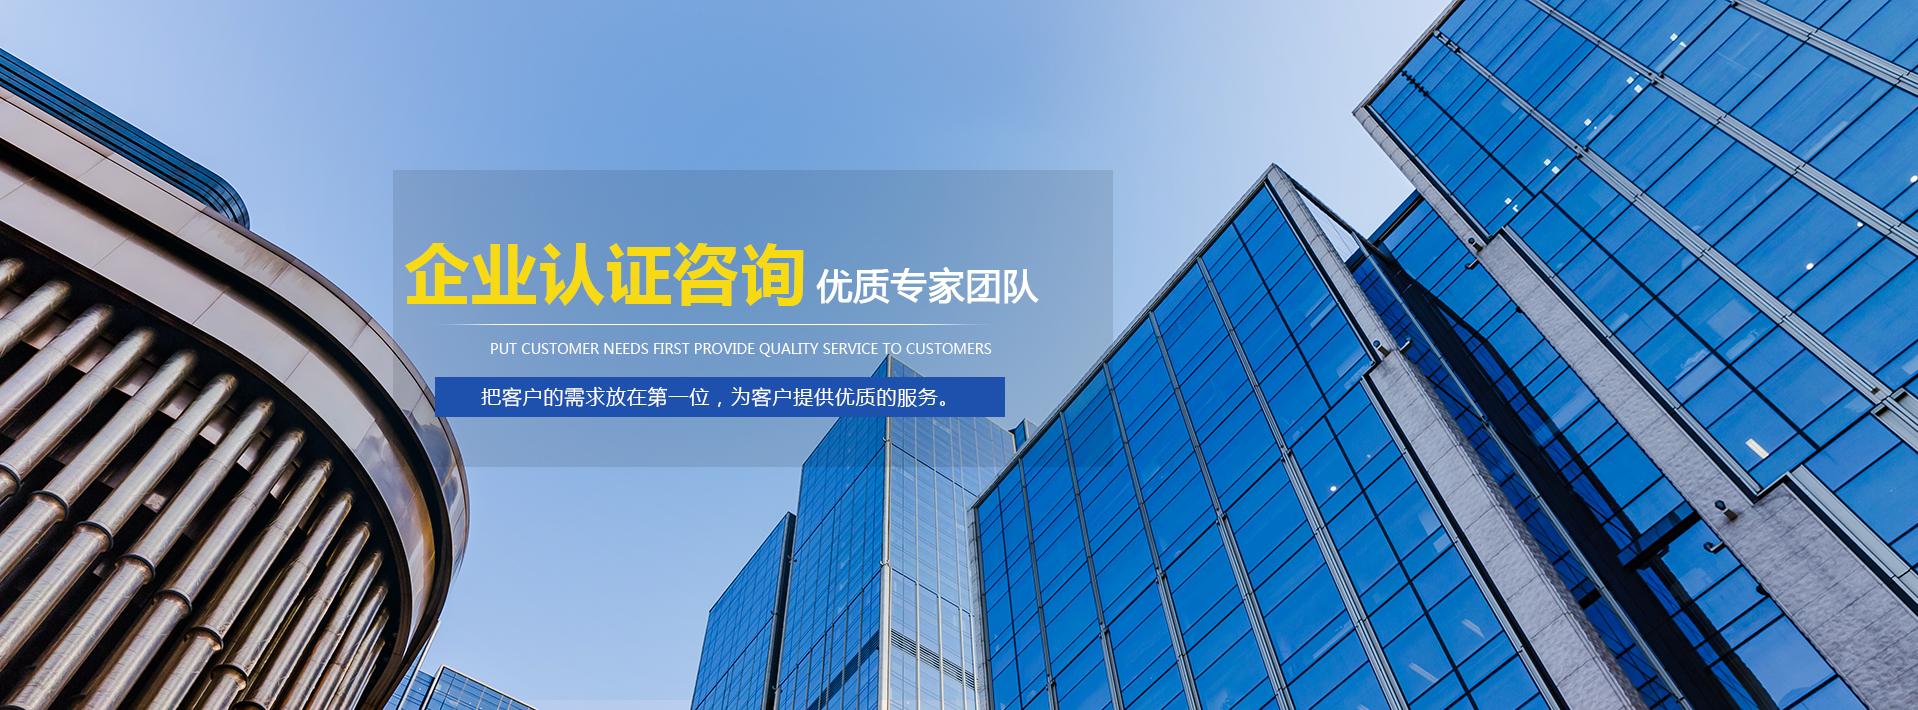 ISO9001认证公司